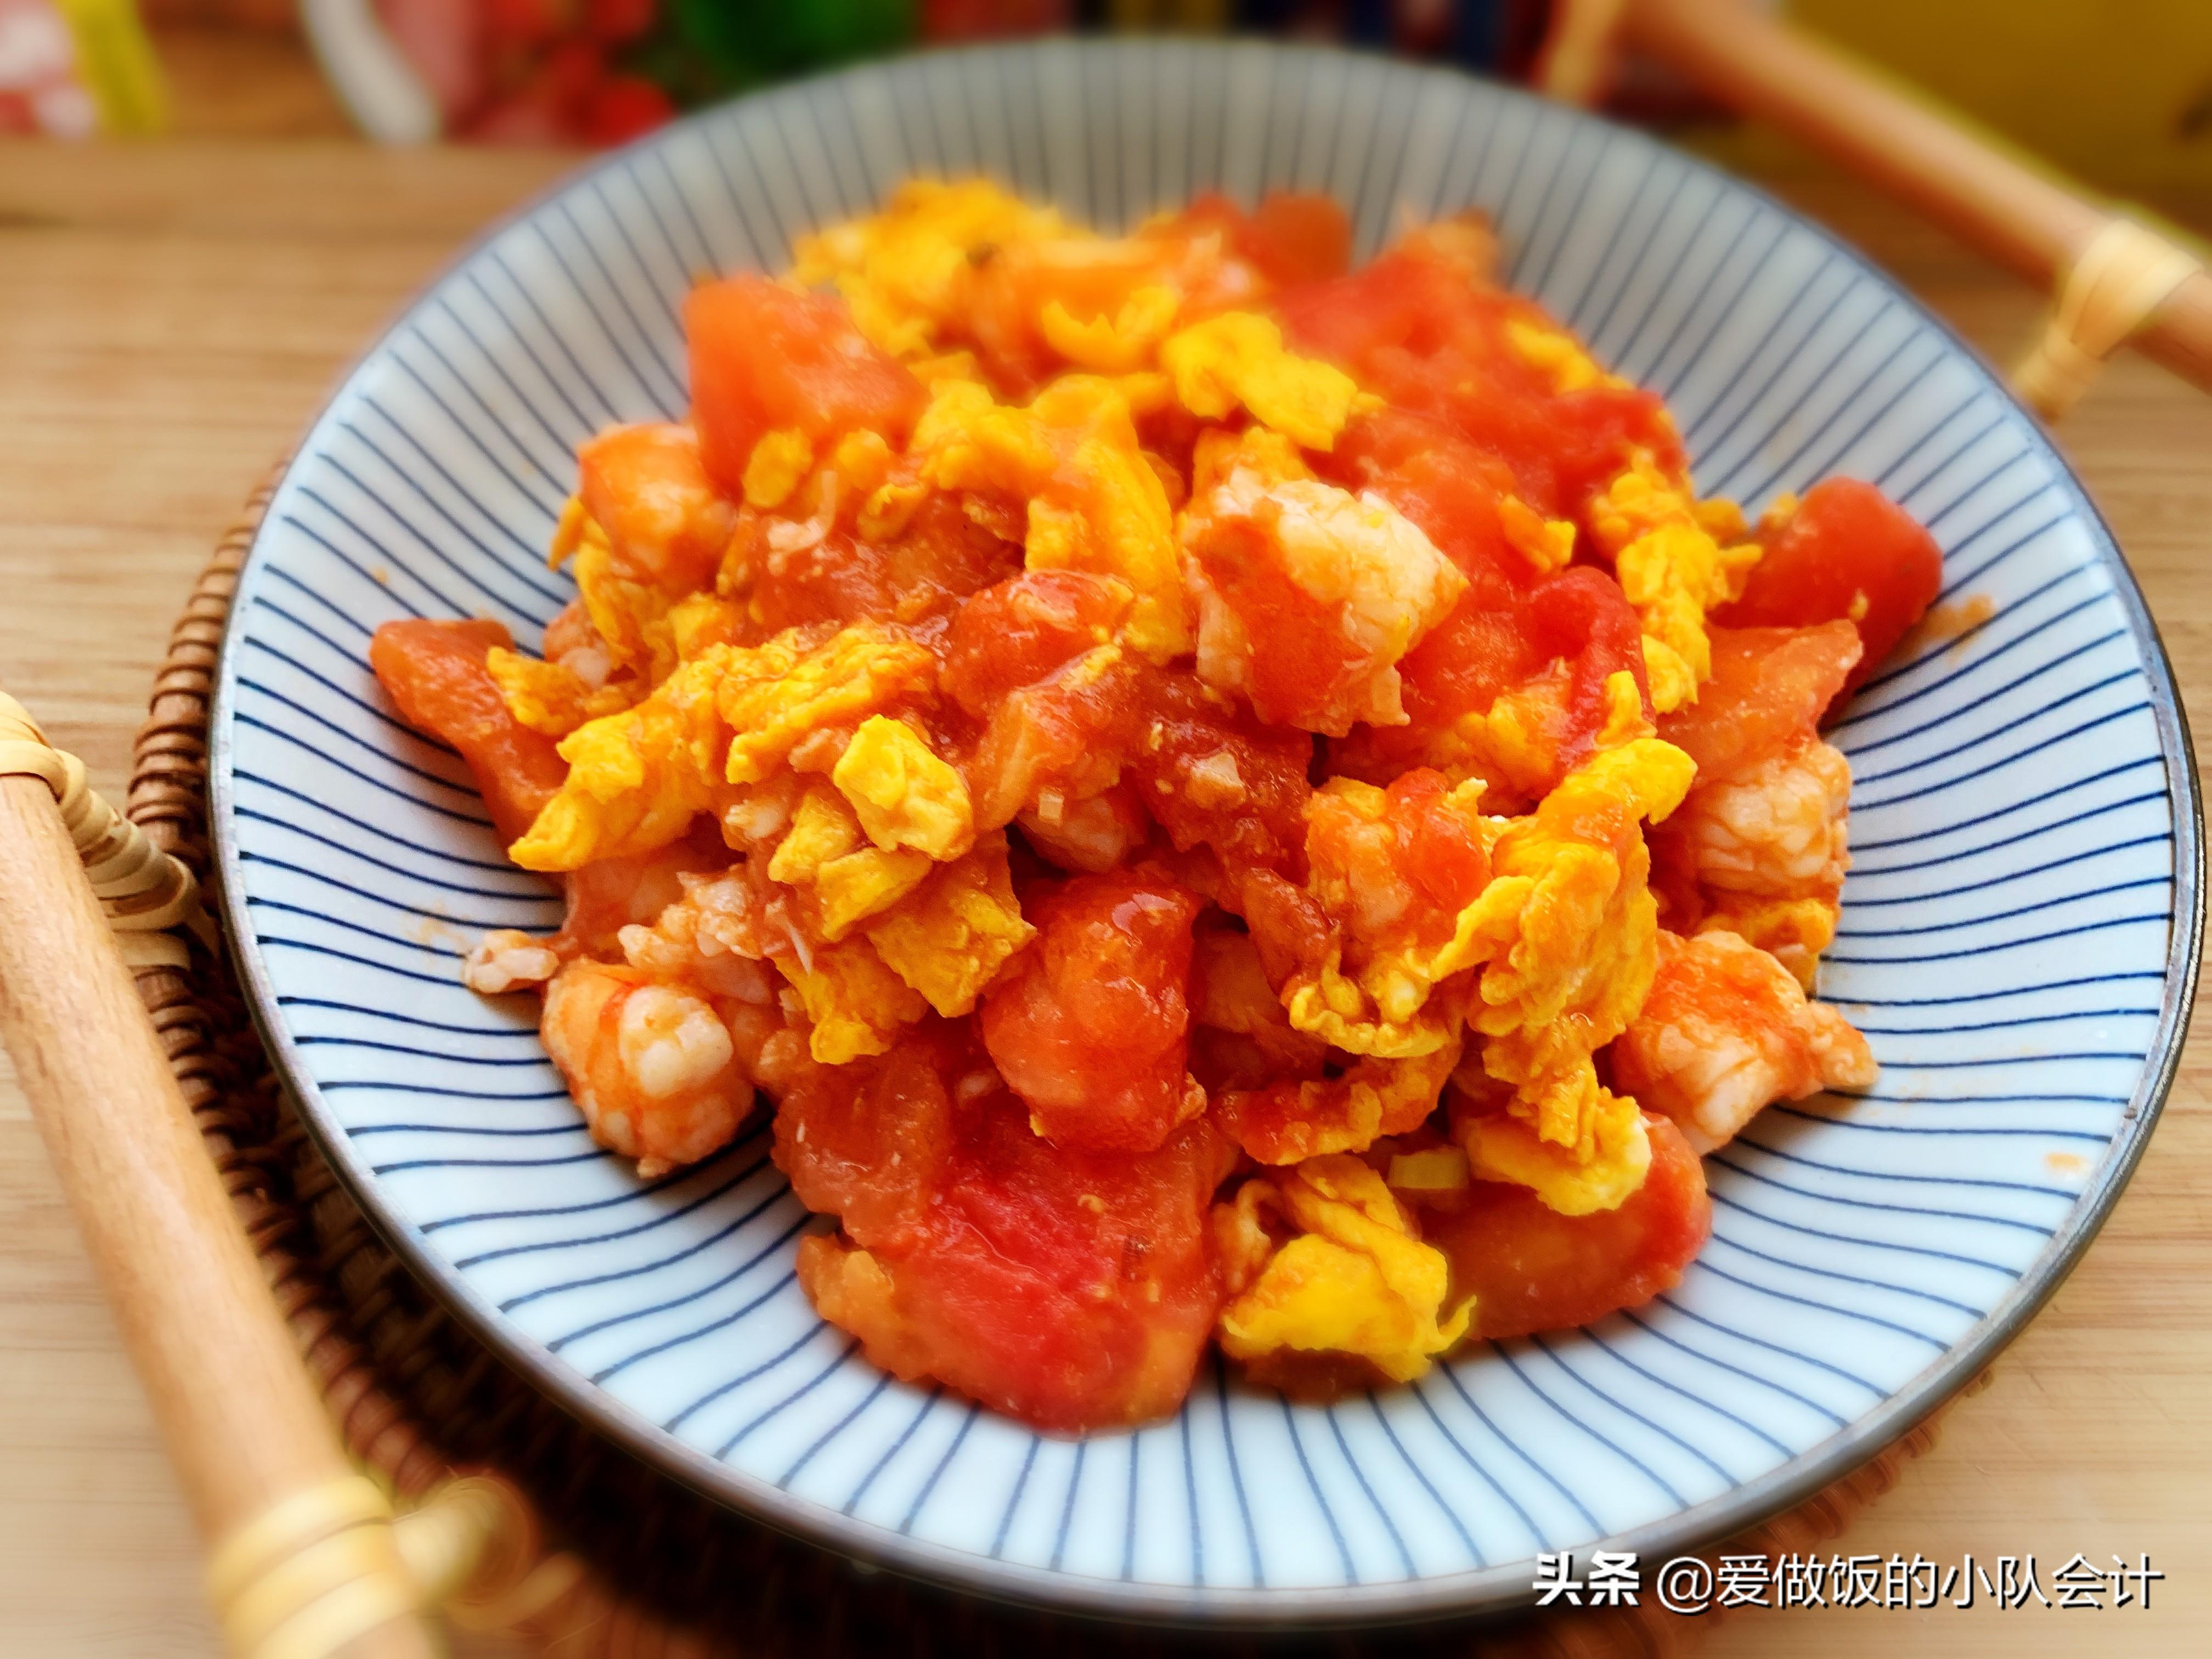 做西红柿炒鸡蛋,最怕直接下锅炒,牢记2点,汁浓蛋嫩味道香 美食做法 第3张